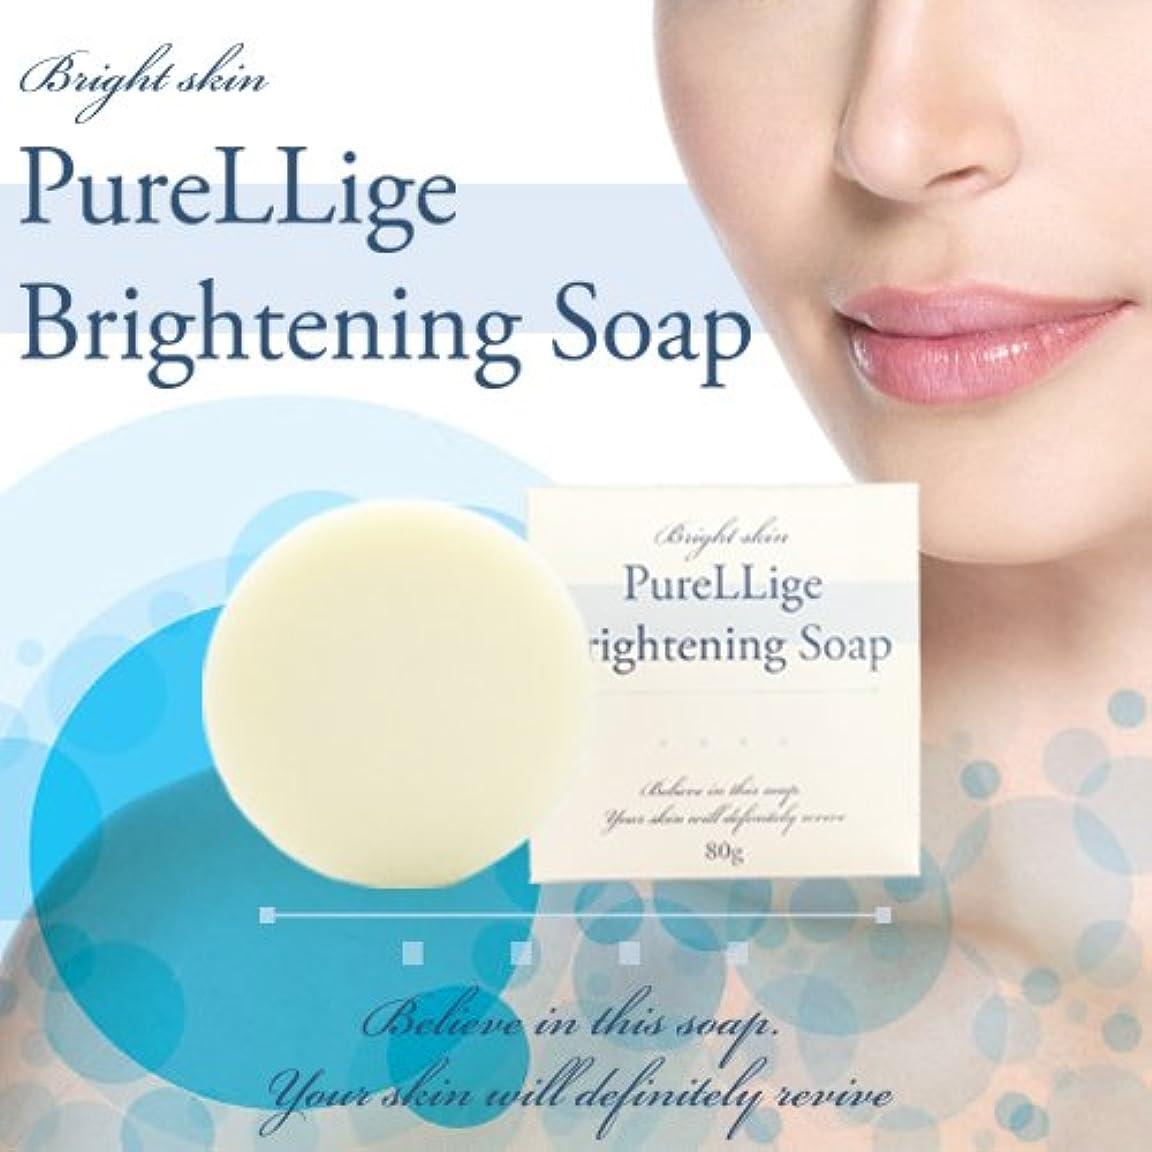 控えるシリング弾力性のあるピュアリージェ ブライトニングソープ 石鹸 石けん 洗顔